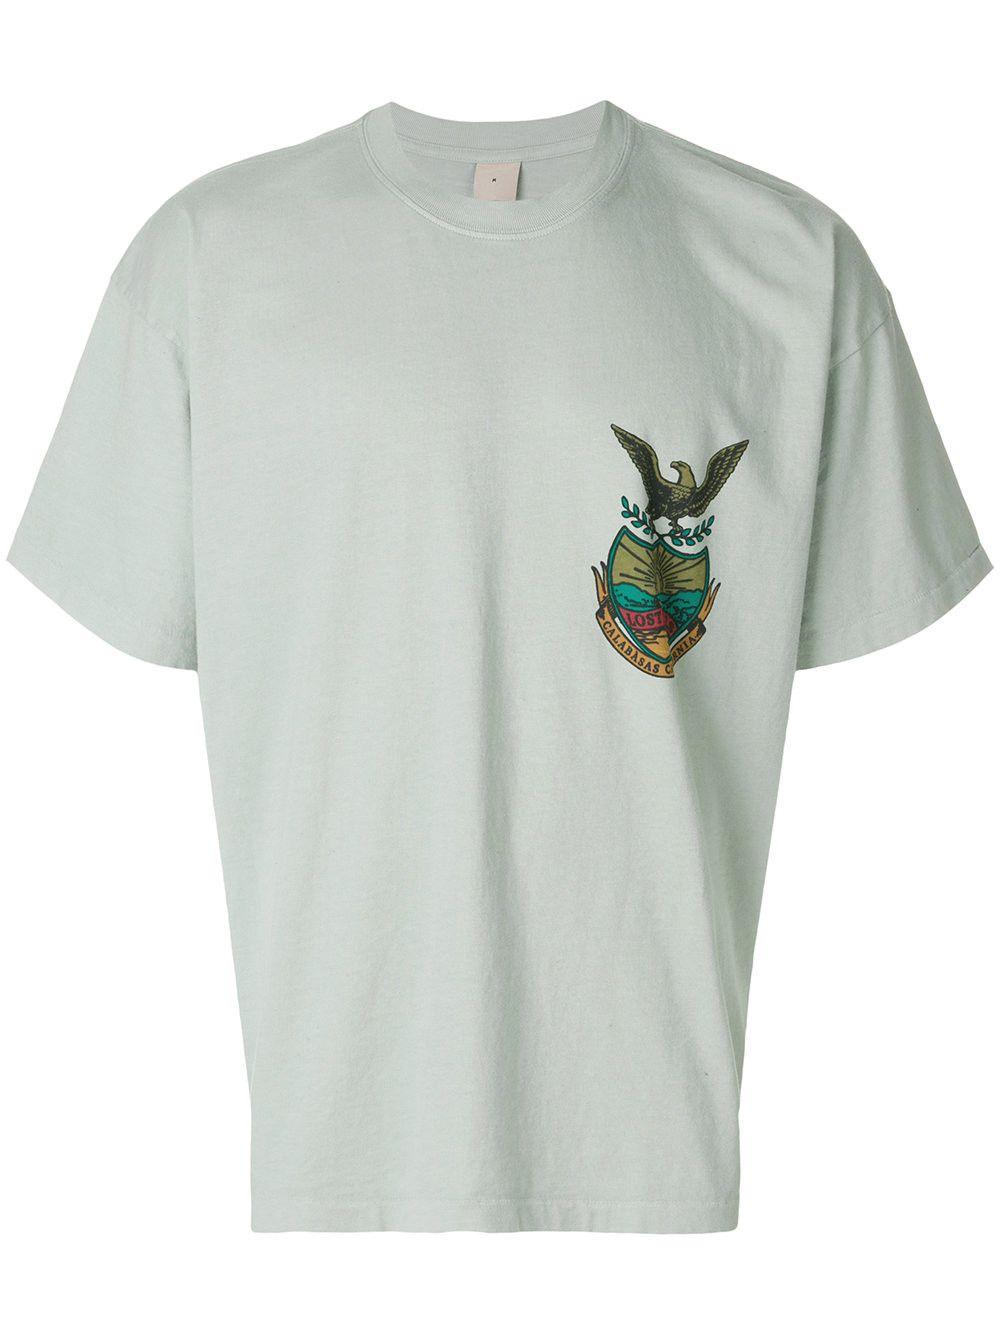 c314bc449 YEEZY Calabasas Lost Hills crest T-shirt.  yeezy  cloth